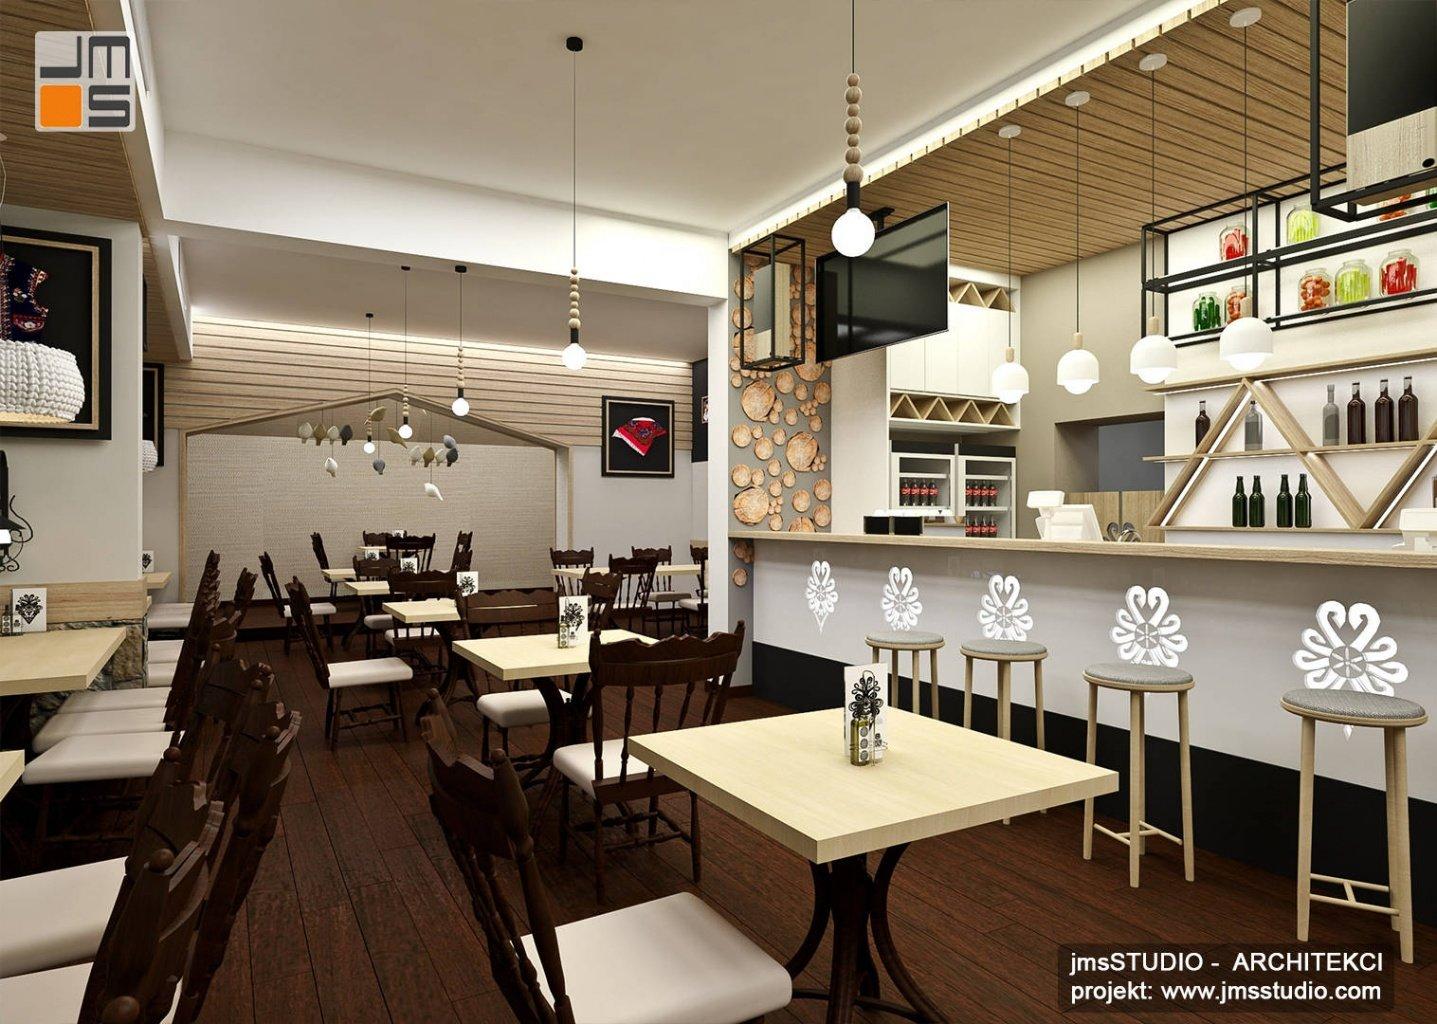 oryginalny projekt wnętrz restauracji z drewnem i dekoracyjnym oświetleniem. Projekt restauracji w górach z barem w stylu tradycyjnym nowoczesnym